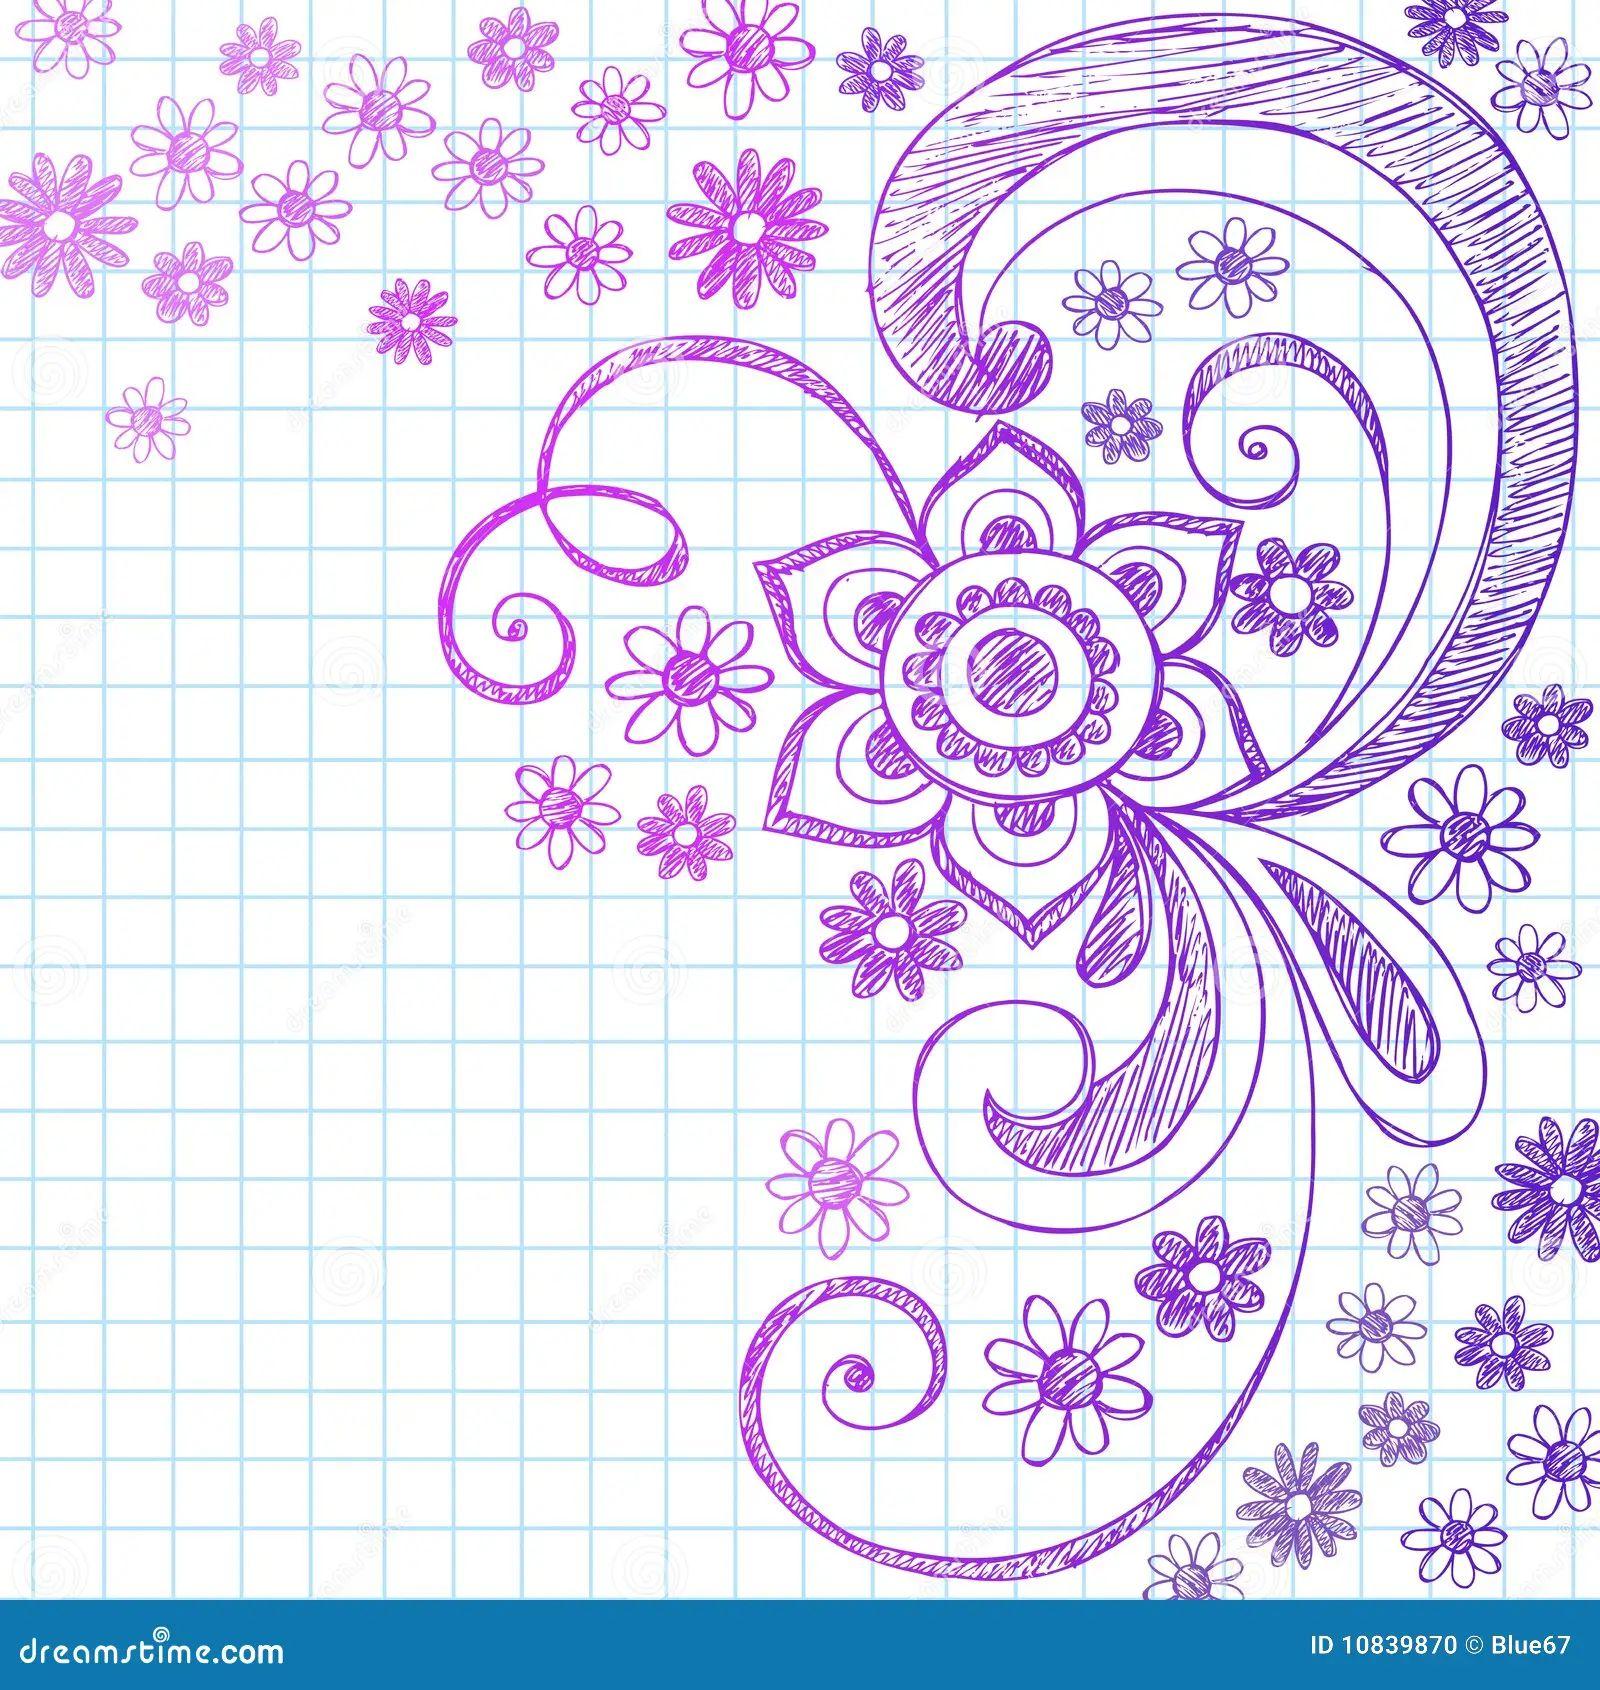 flower border designs for paper